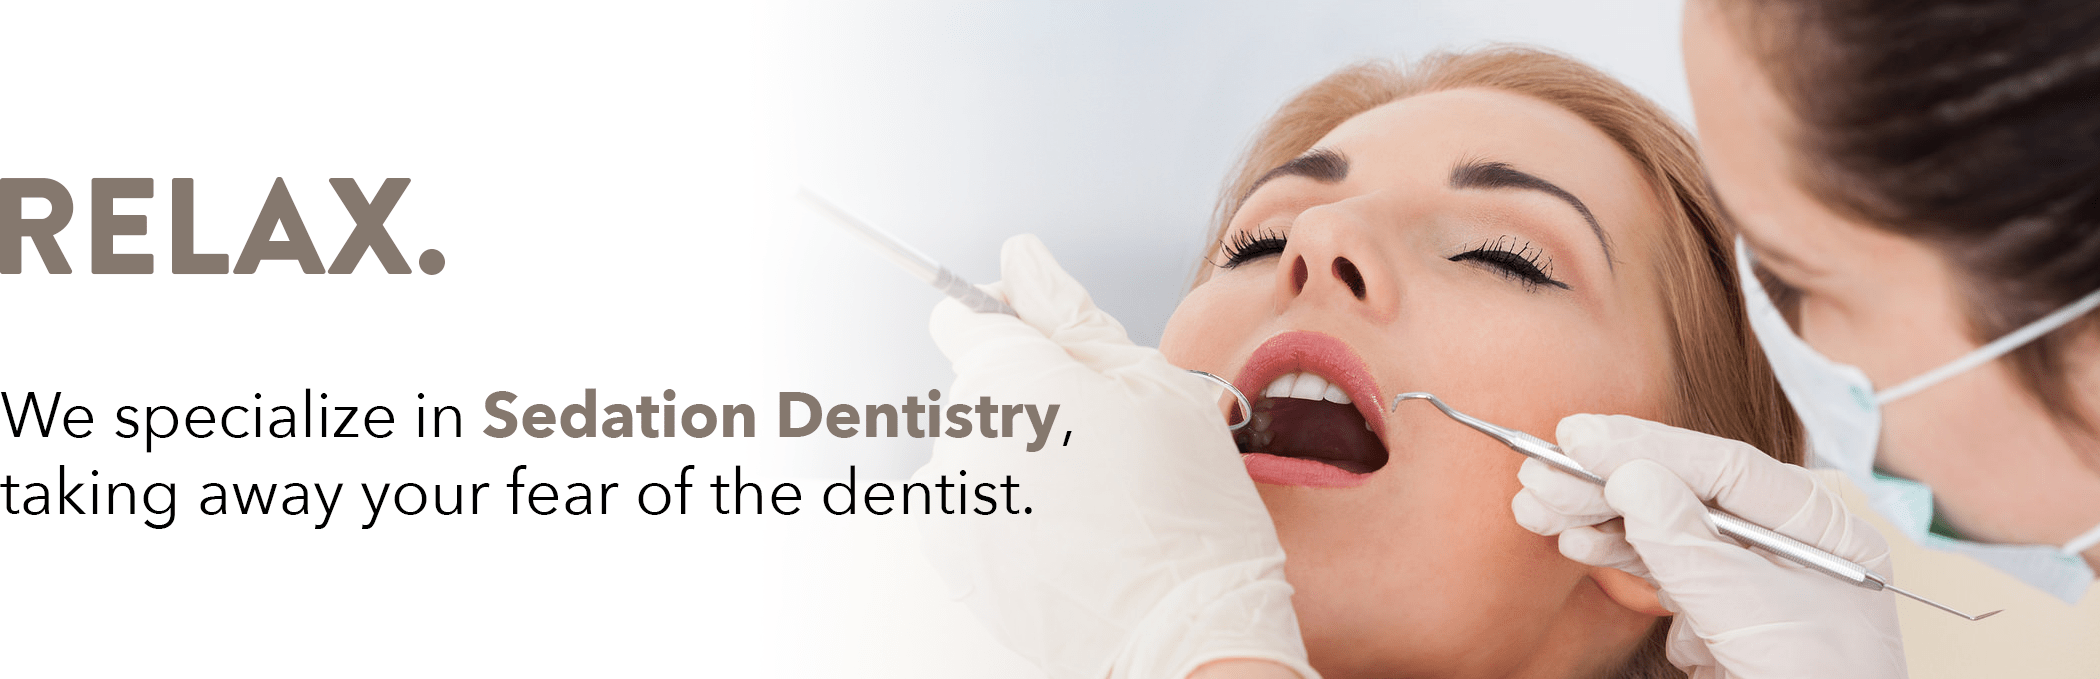 Sedation Sleep Dentistry